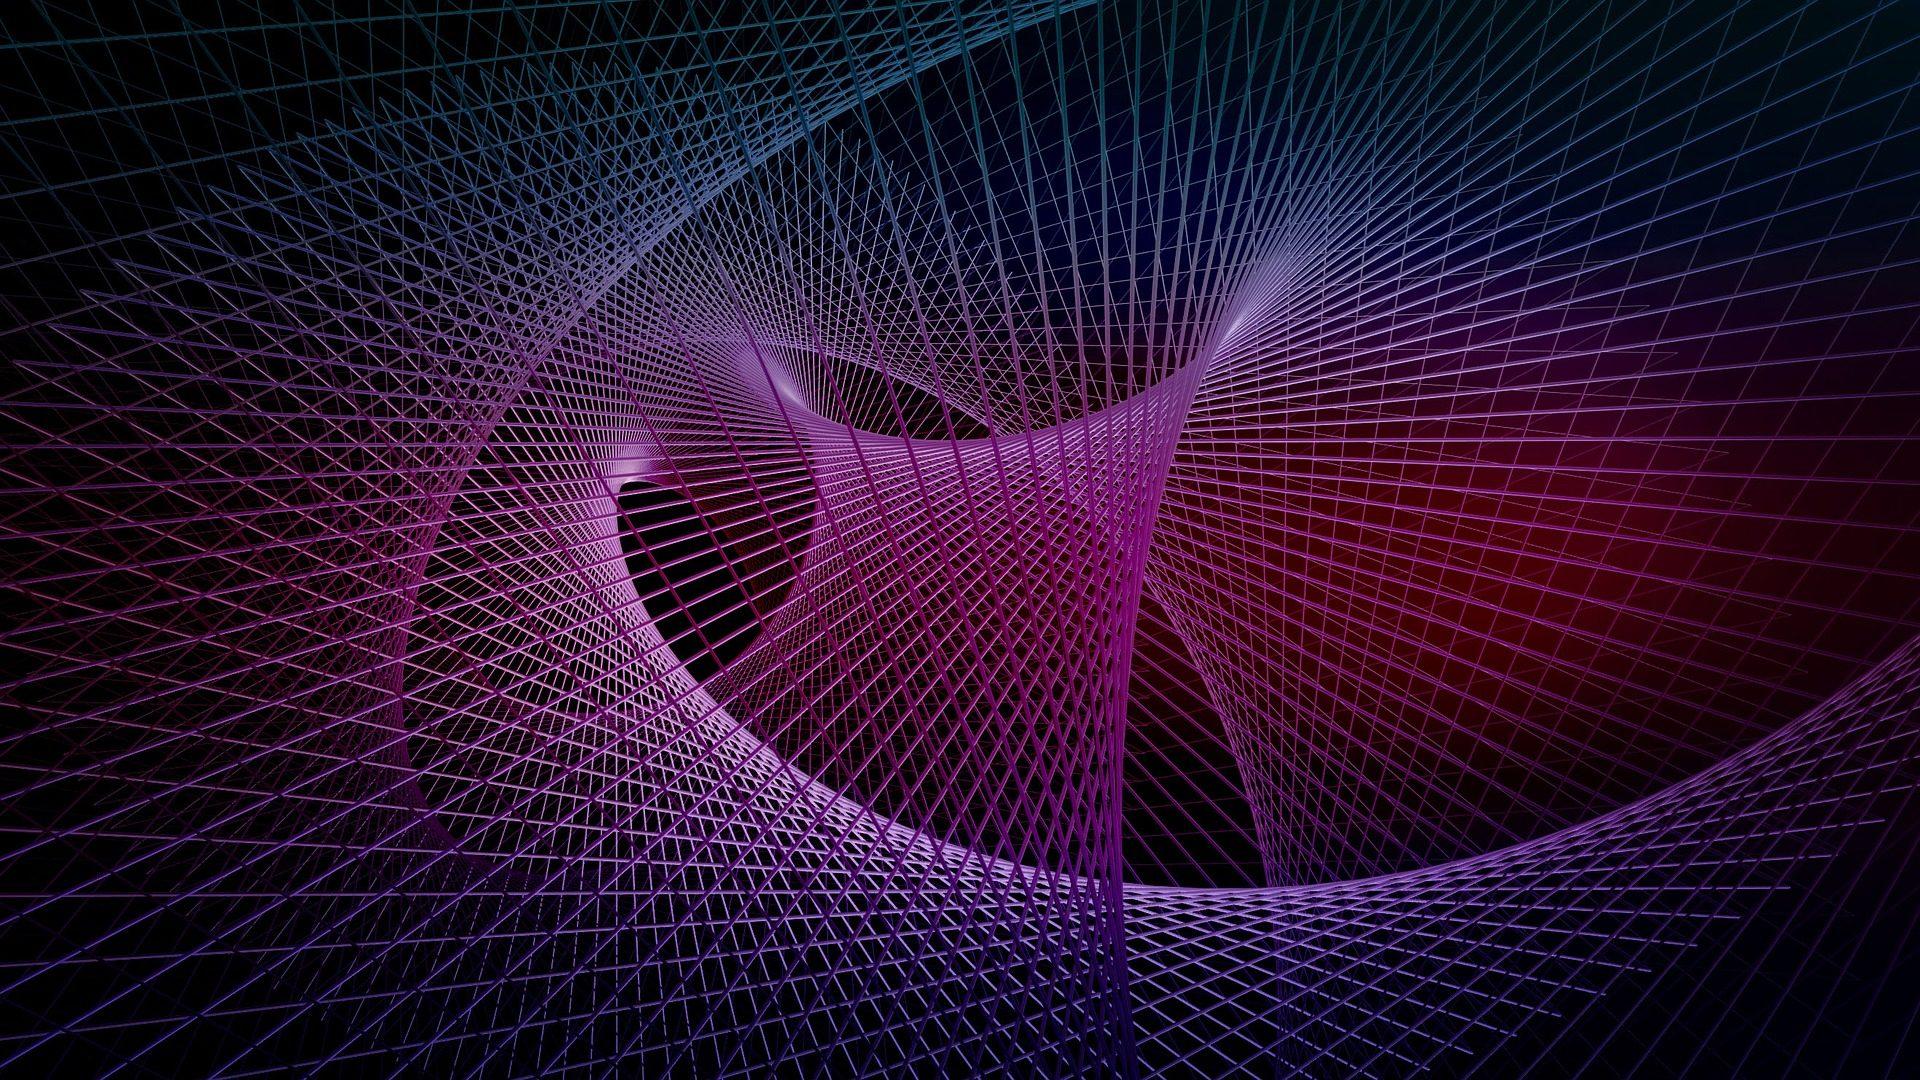 Μάγια, Μορφές, rombos, δίκτυο, Φράκταλ, γεωμετρία - Wallpapers HD - Professor-falken.com